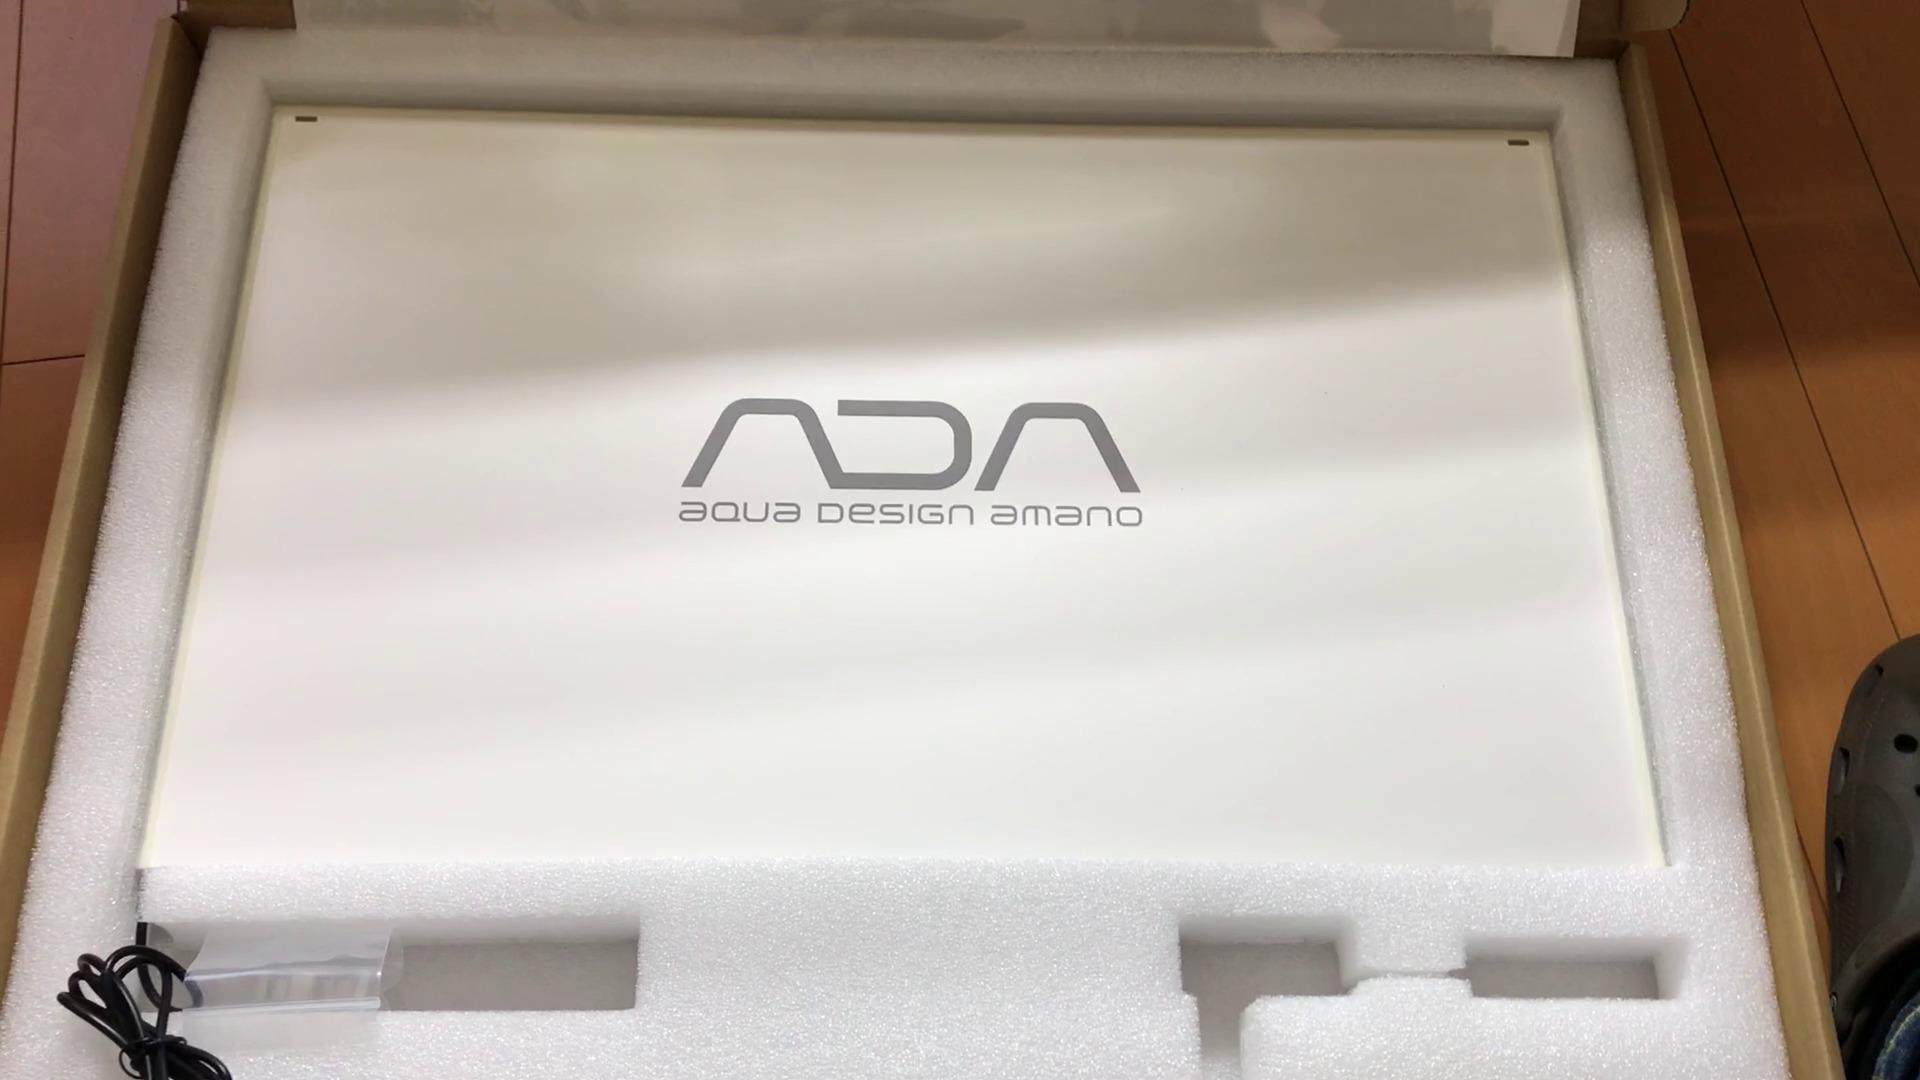 ADA ライトスクリーン60用のグラデーションシートについて